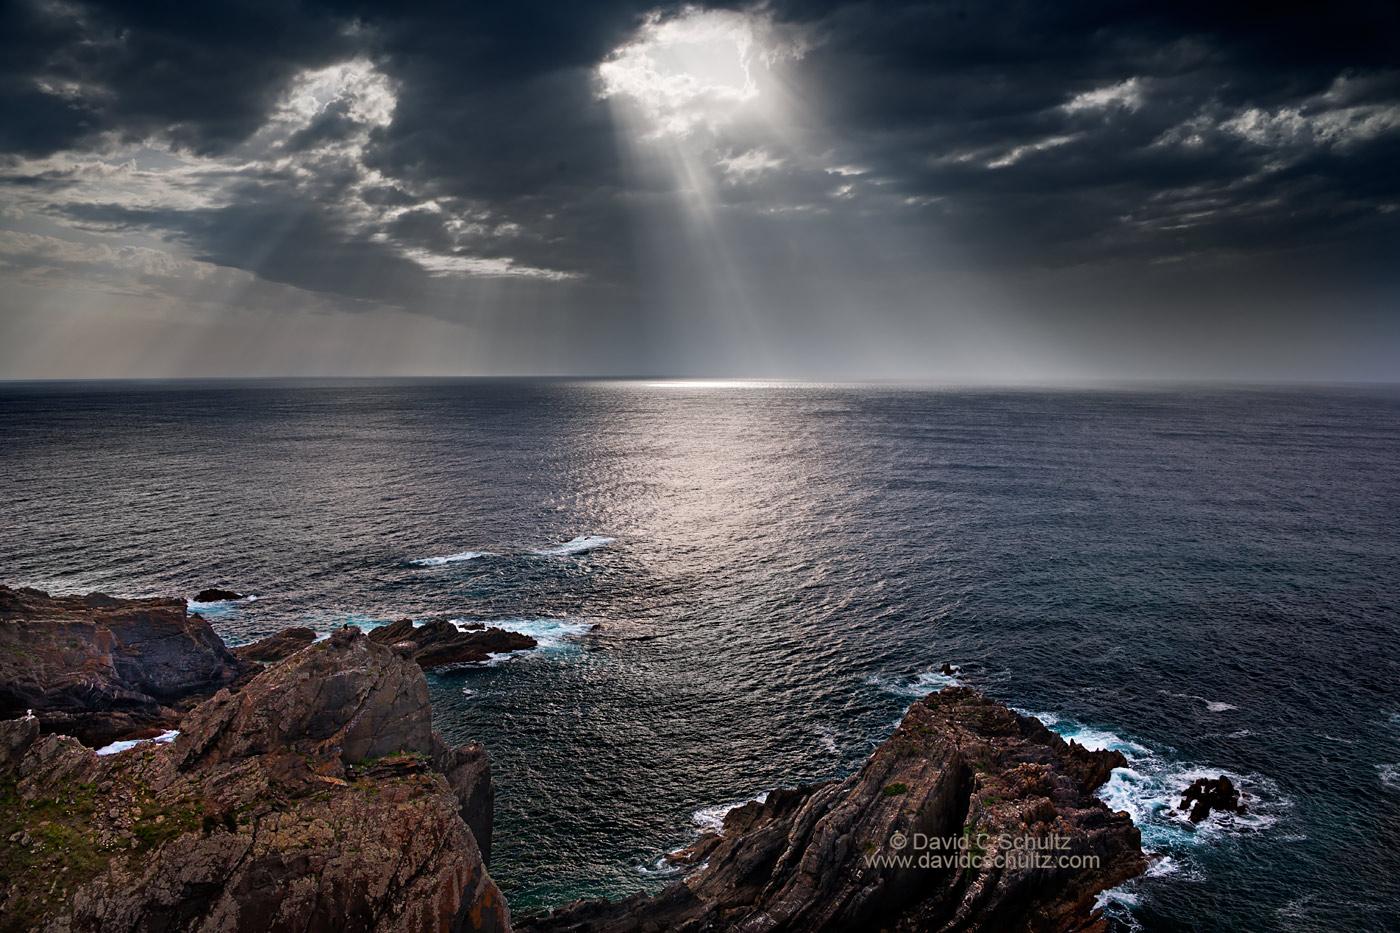 Coast of Portugal - Image #136-1658